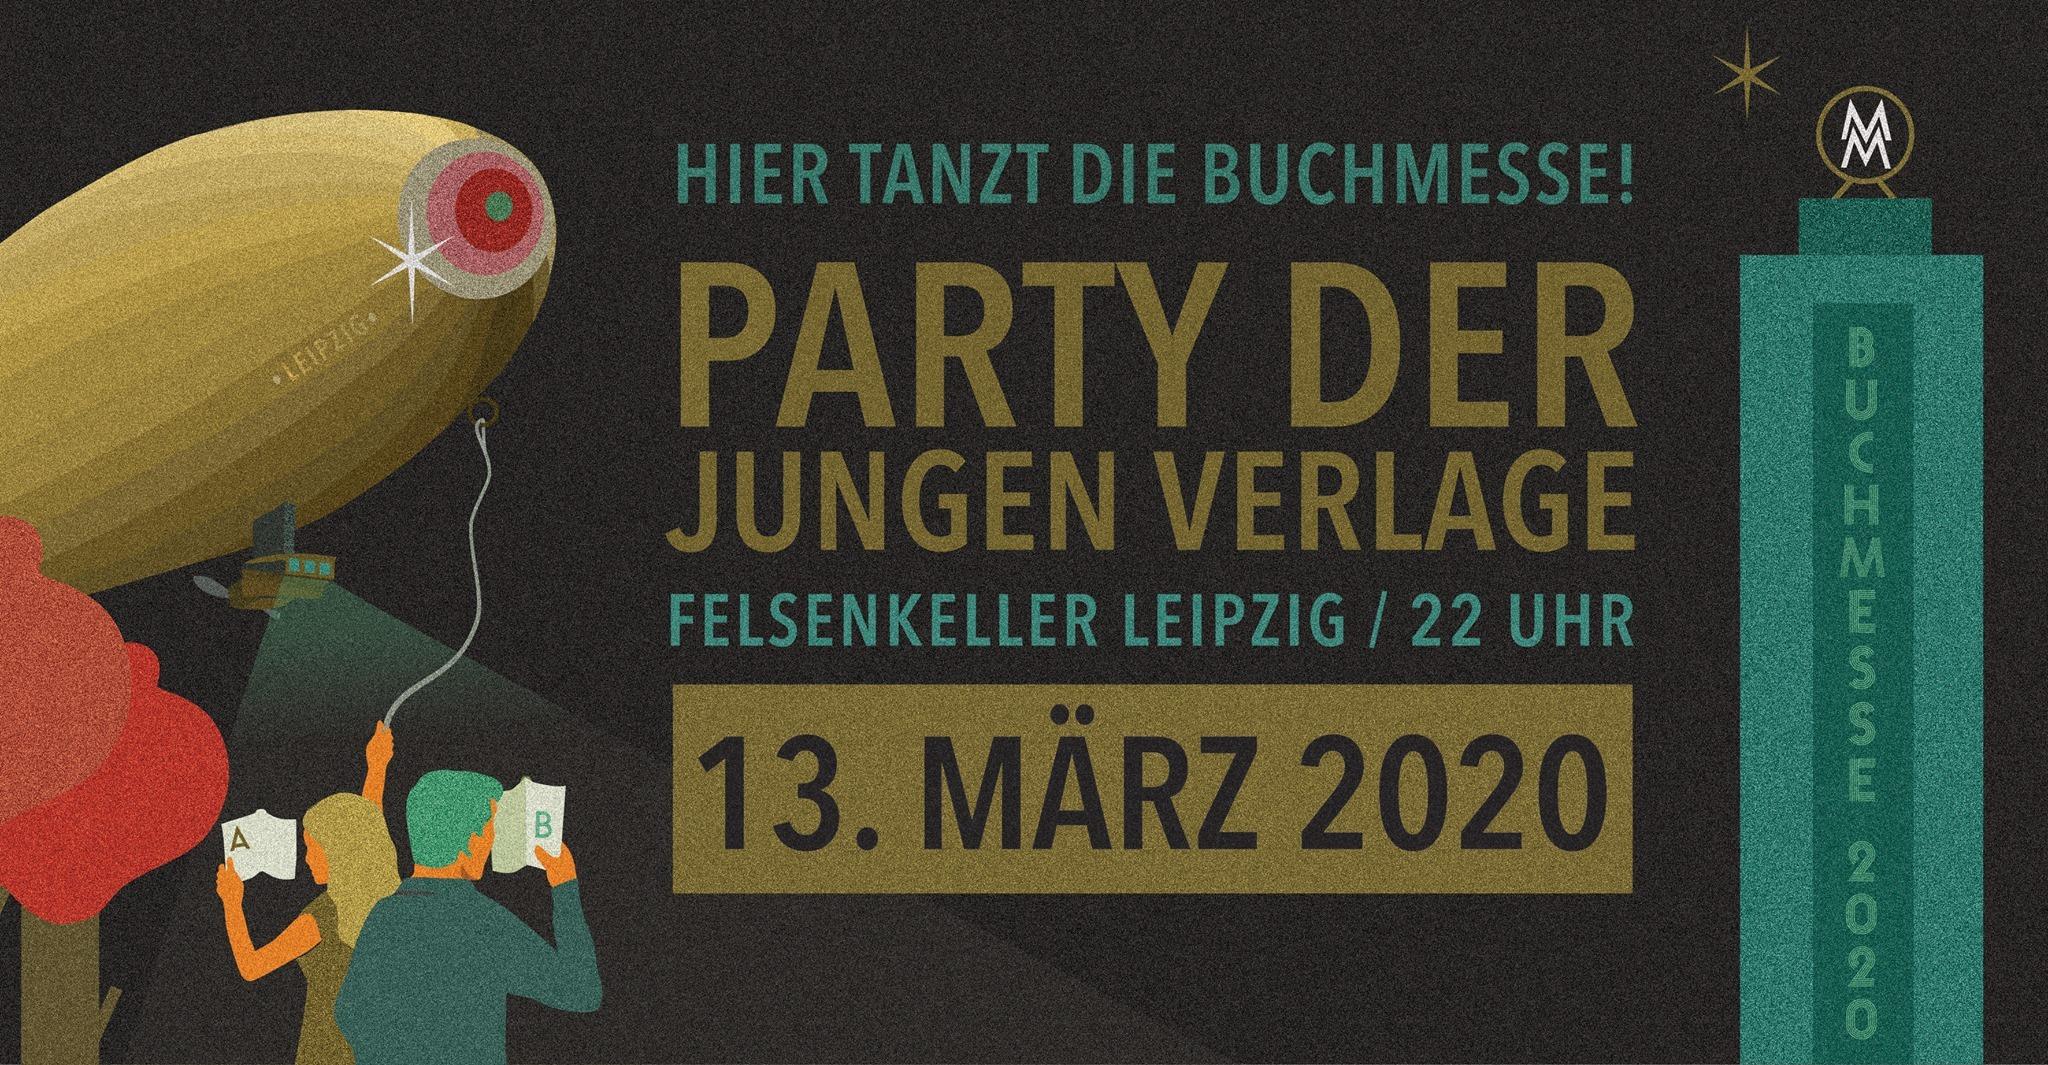 Party der Jungen Verlage